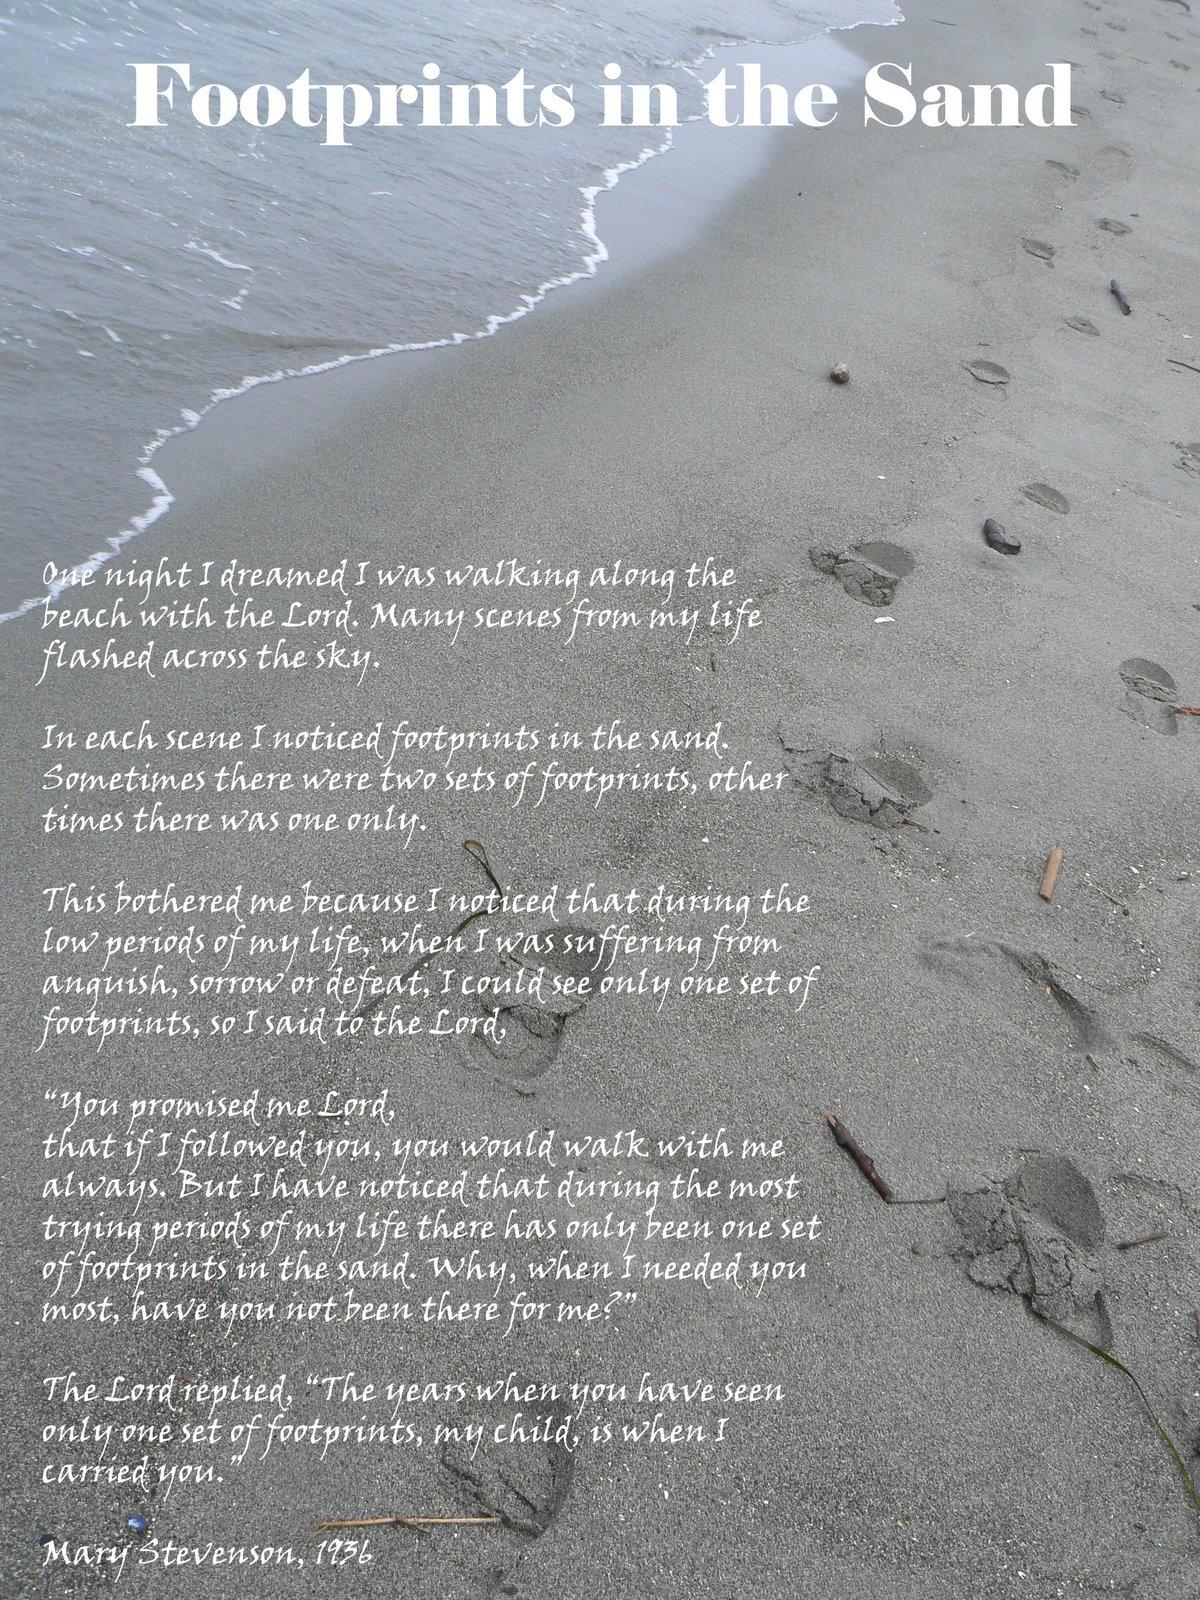 Download Footprints In The Sand Poem Printable Version Collection Of - Footprints In The Sand Printable Free